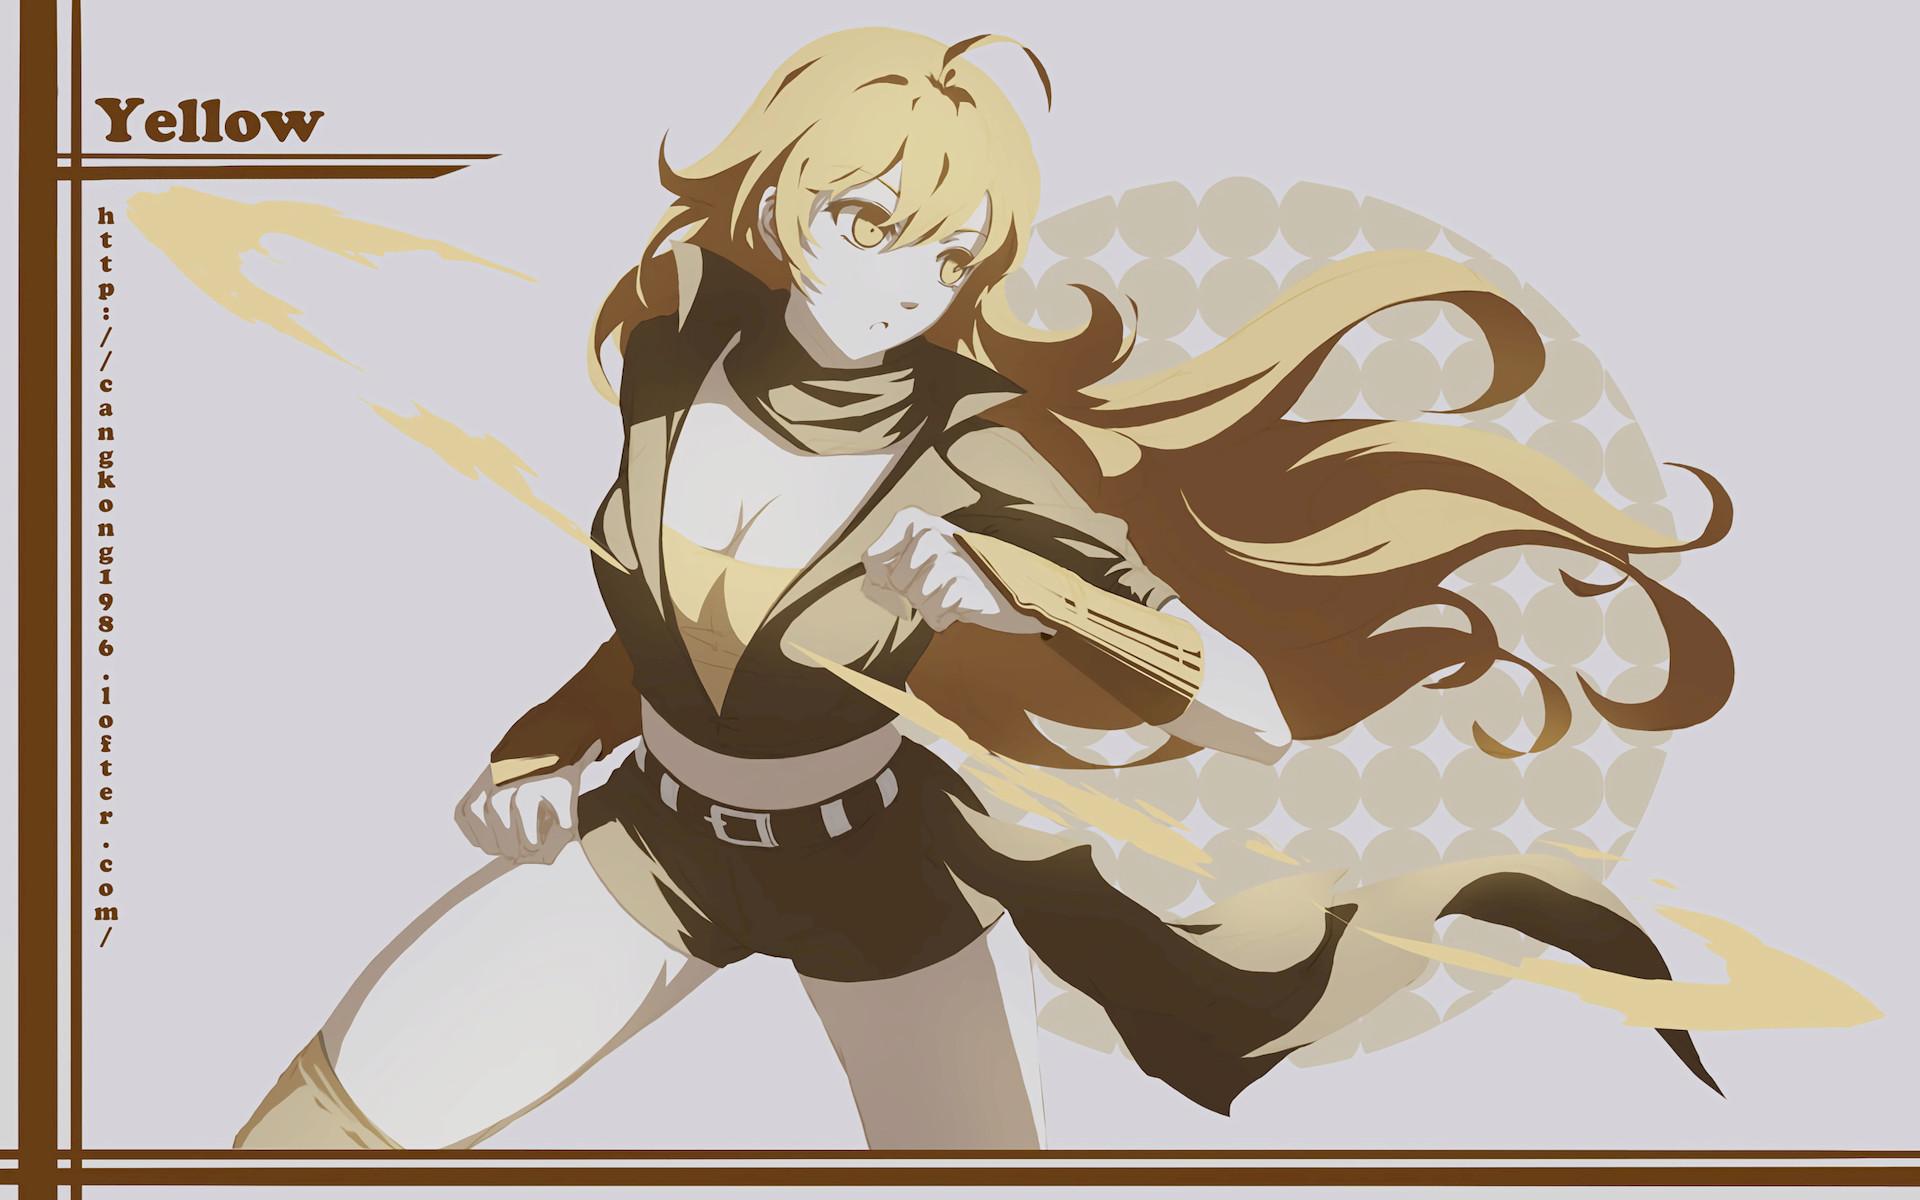 Anime RWBY Yang Xiao Long Wallpaper